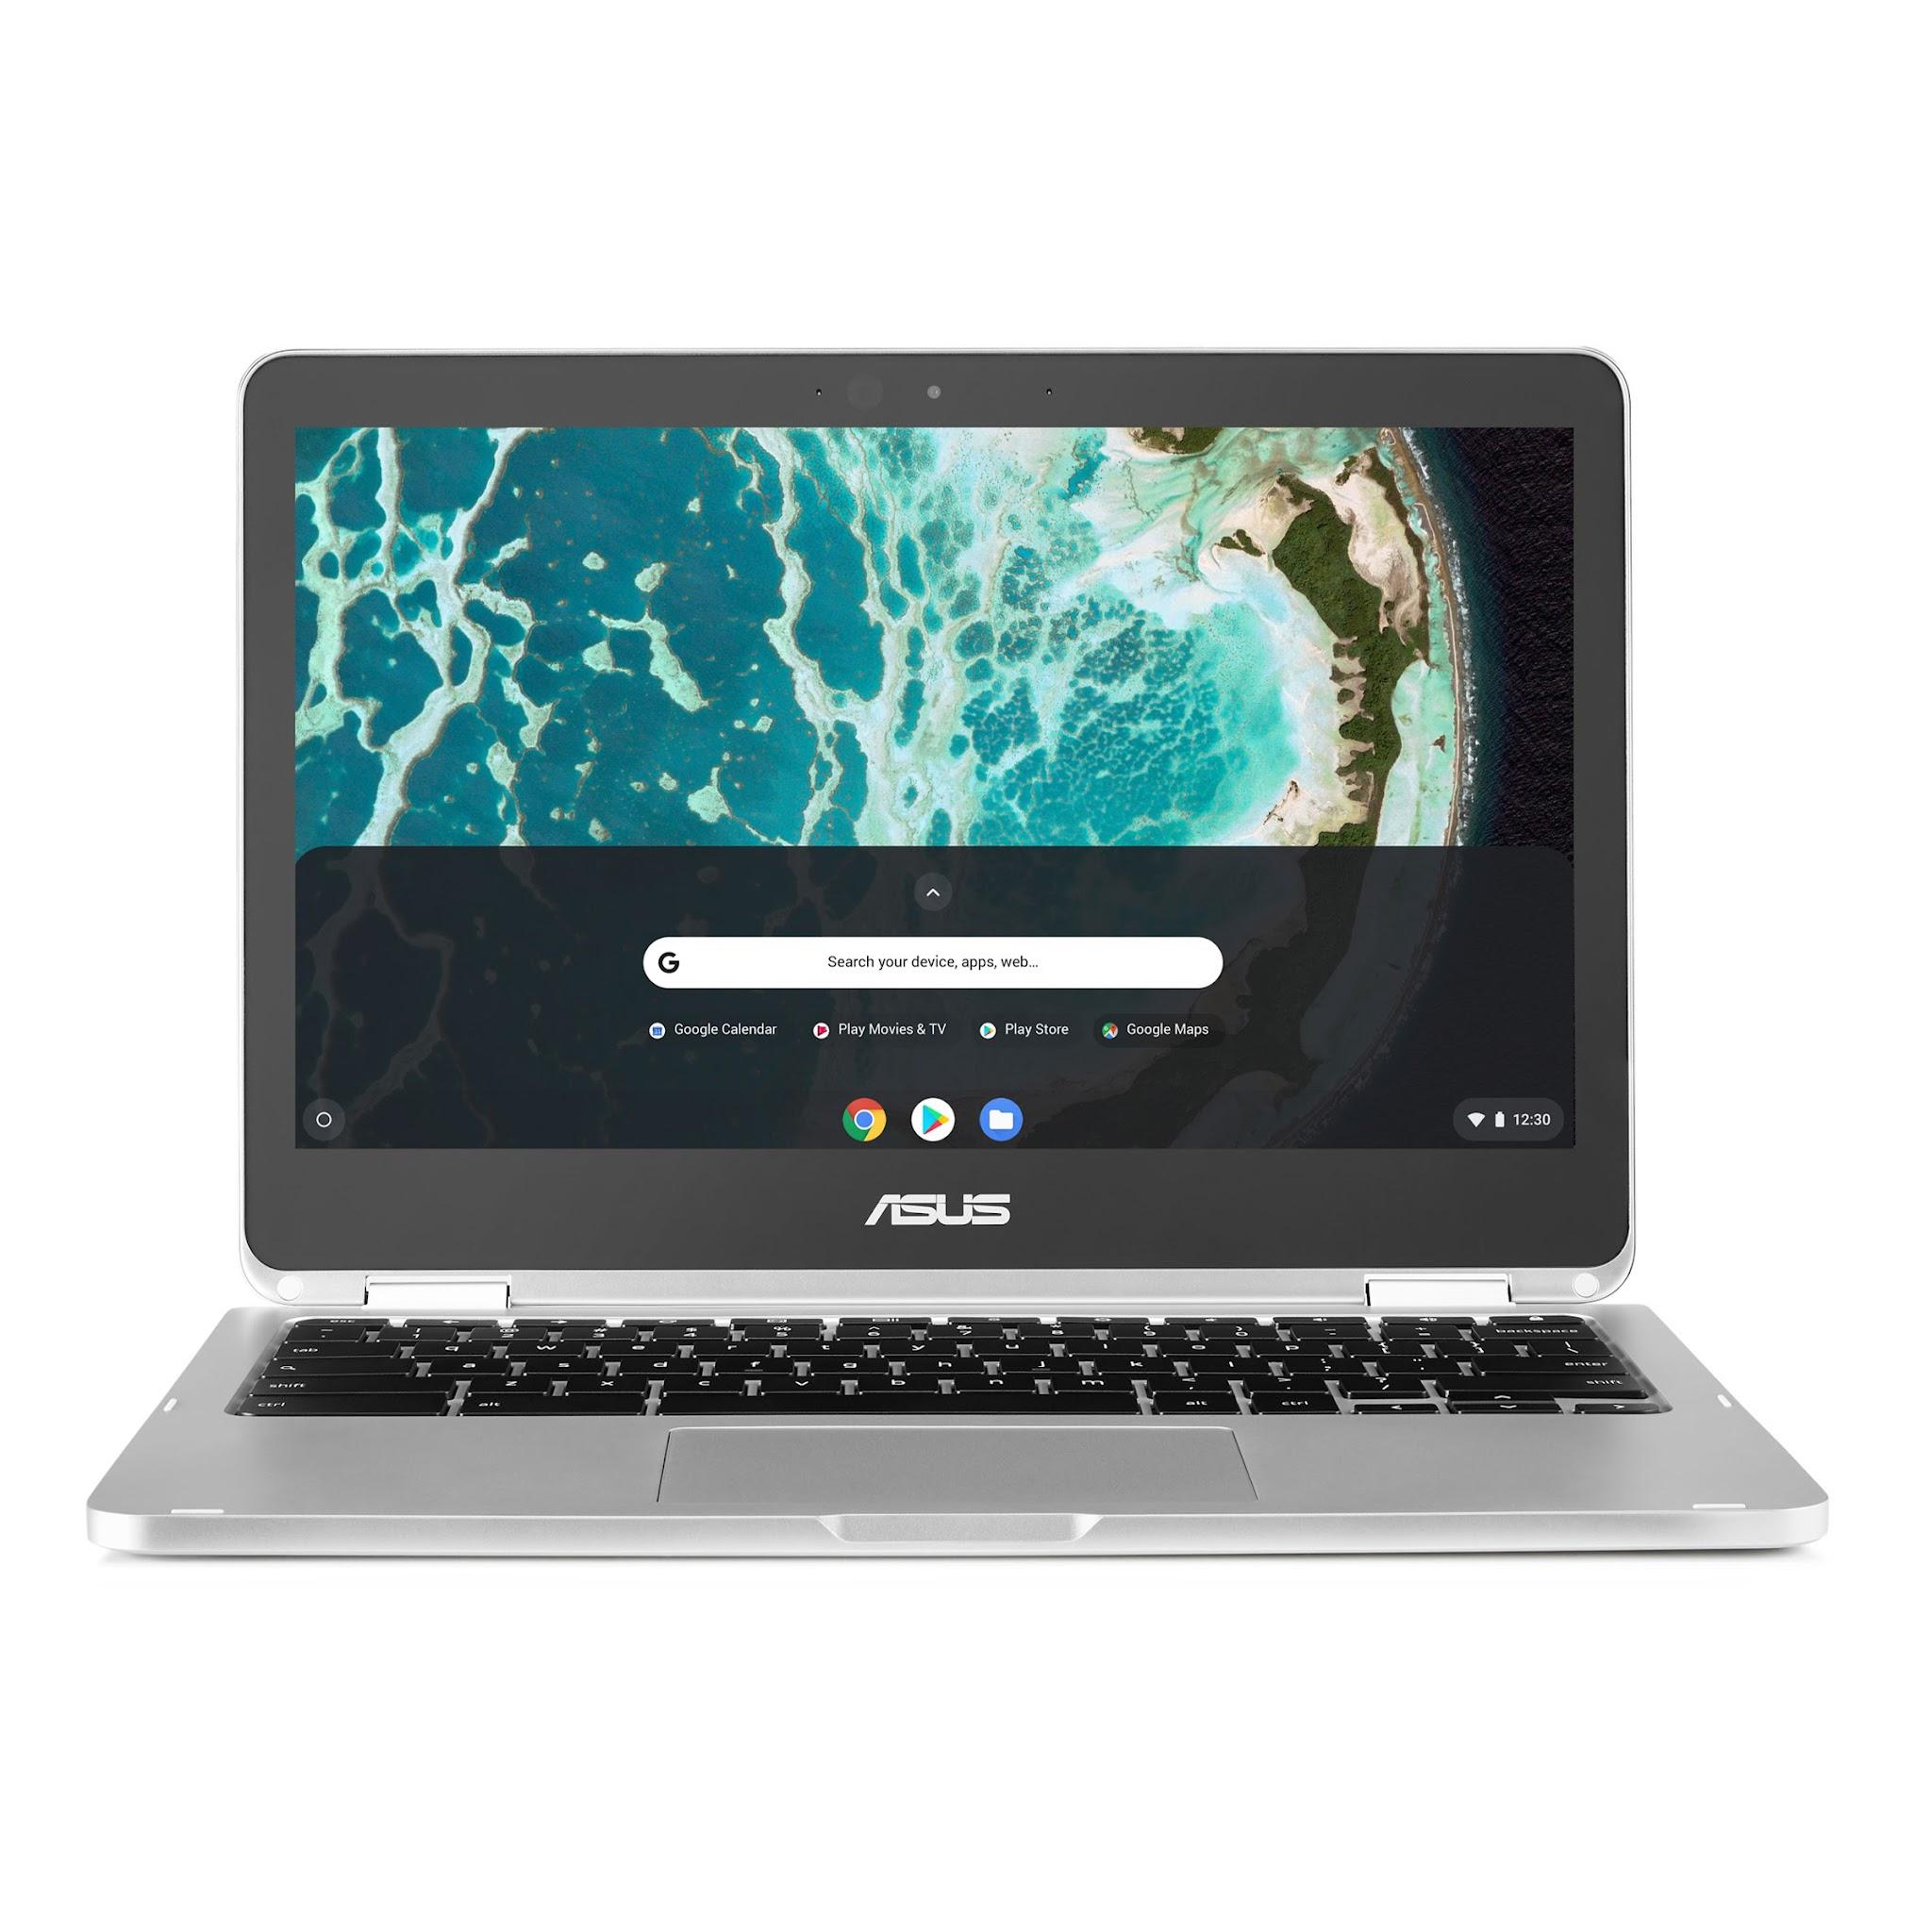 Asus Chromebook Flip C302 - photo 1